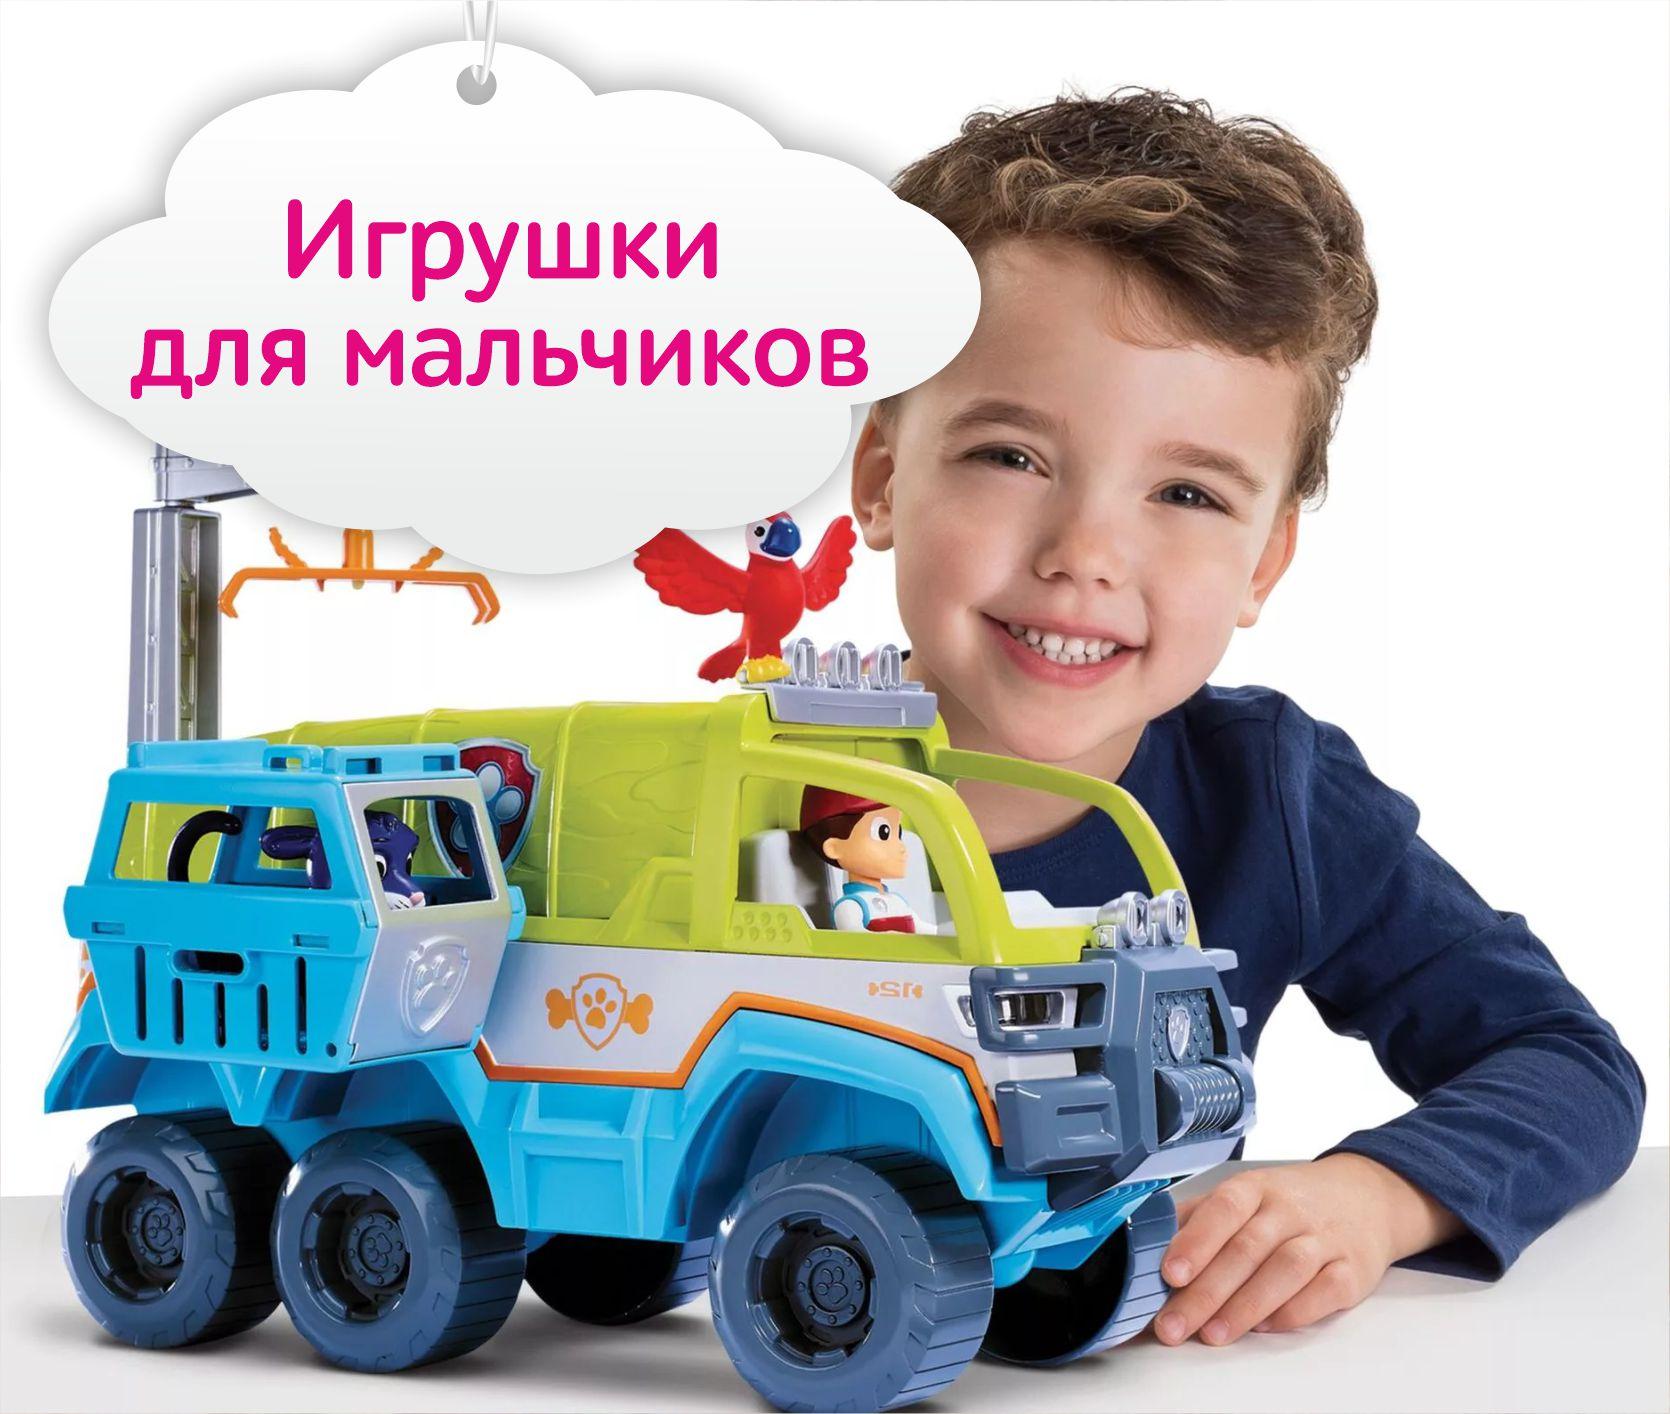 Игрушки, Игрушки для самых маленьких, Каталки, детские